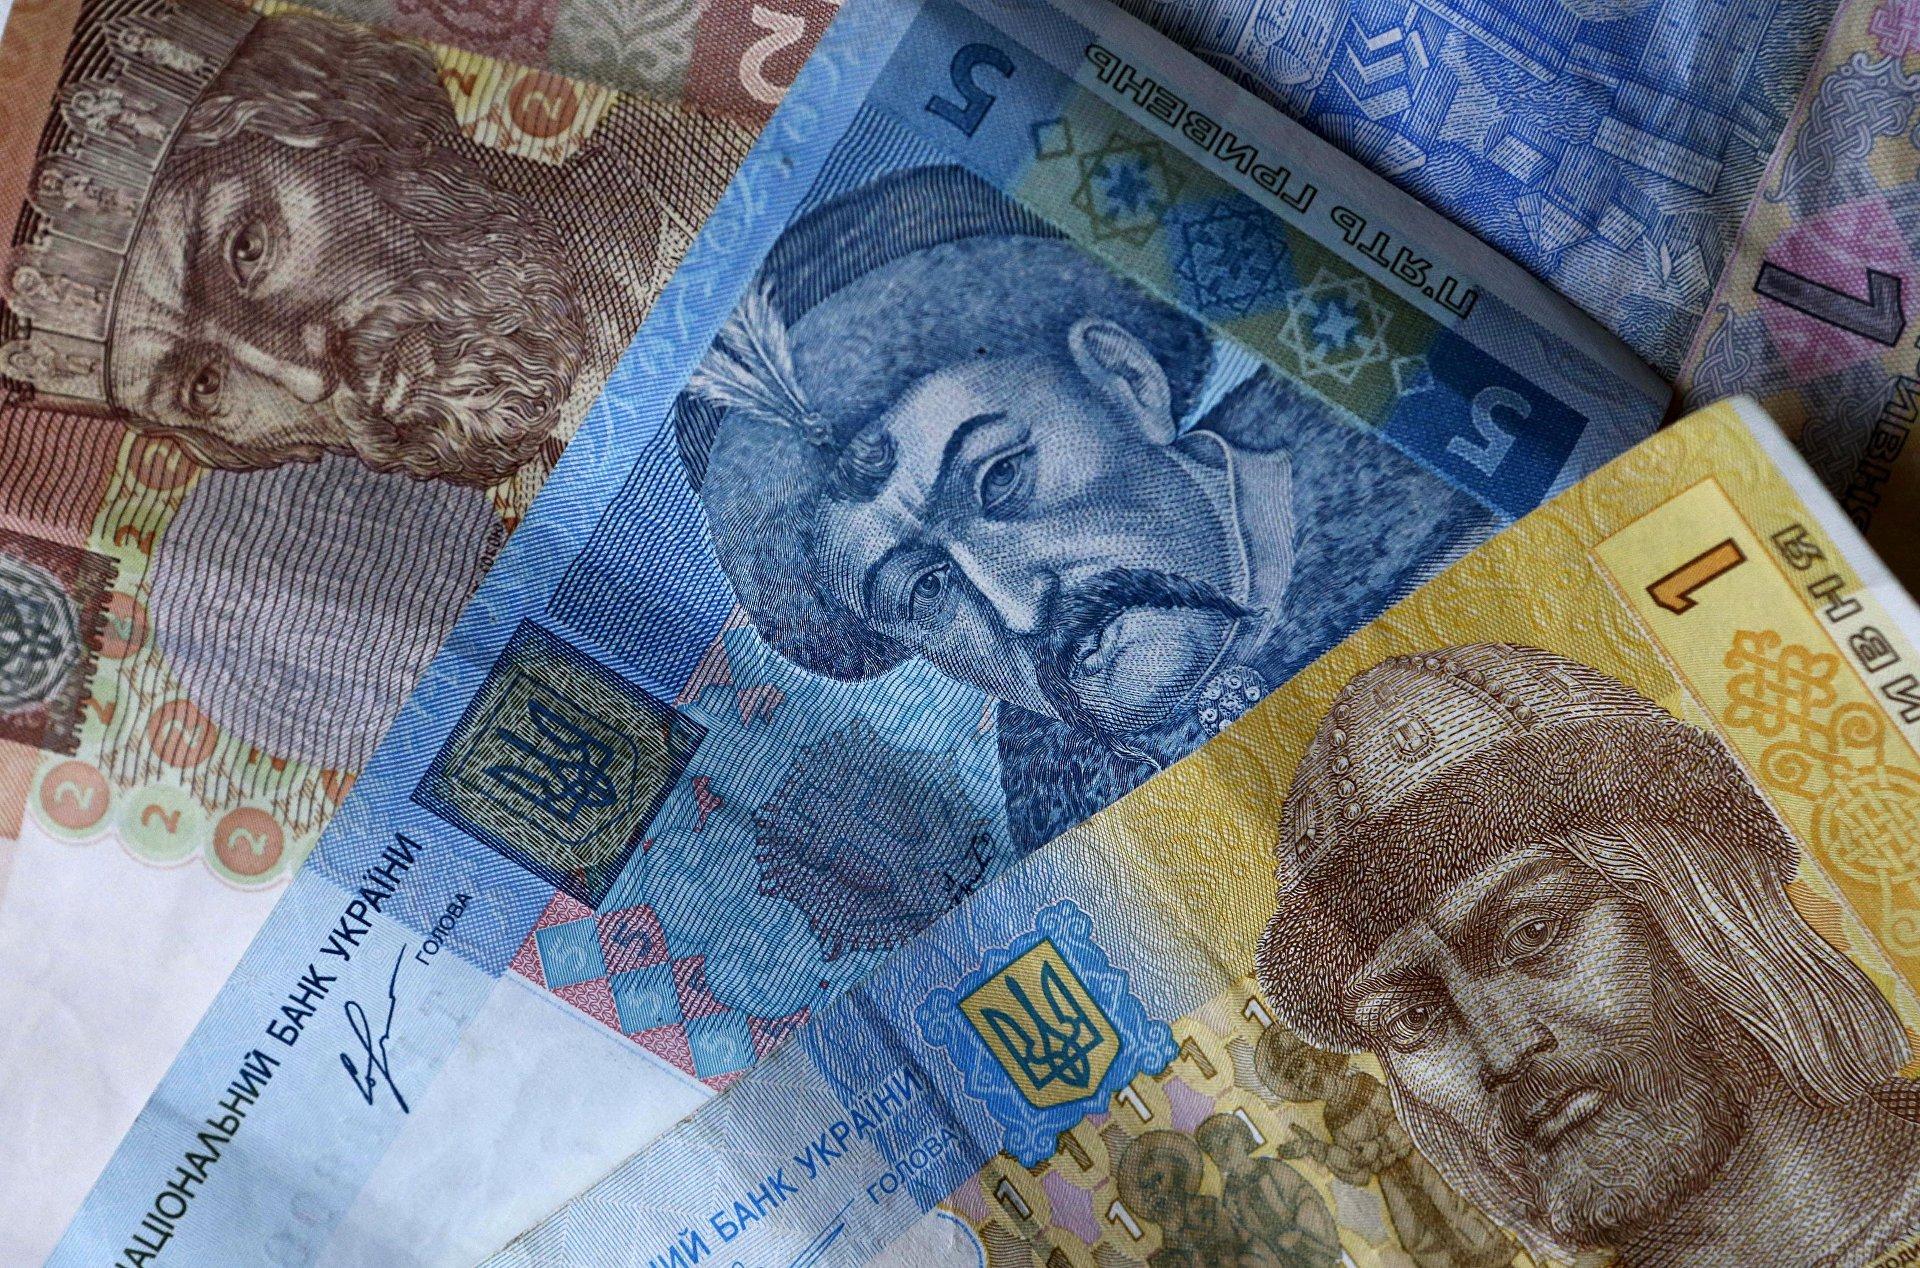 http://ukraina.ru/images/101680/43/1016804372.jpg